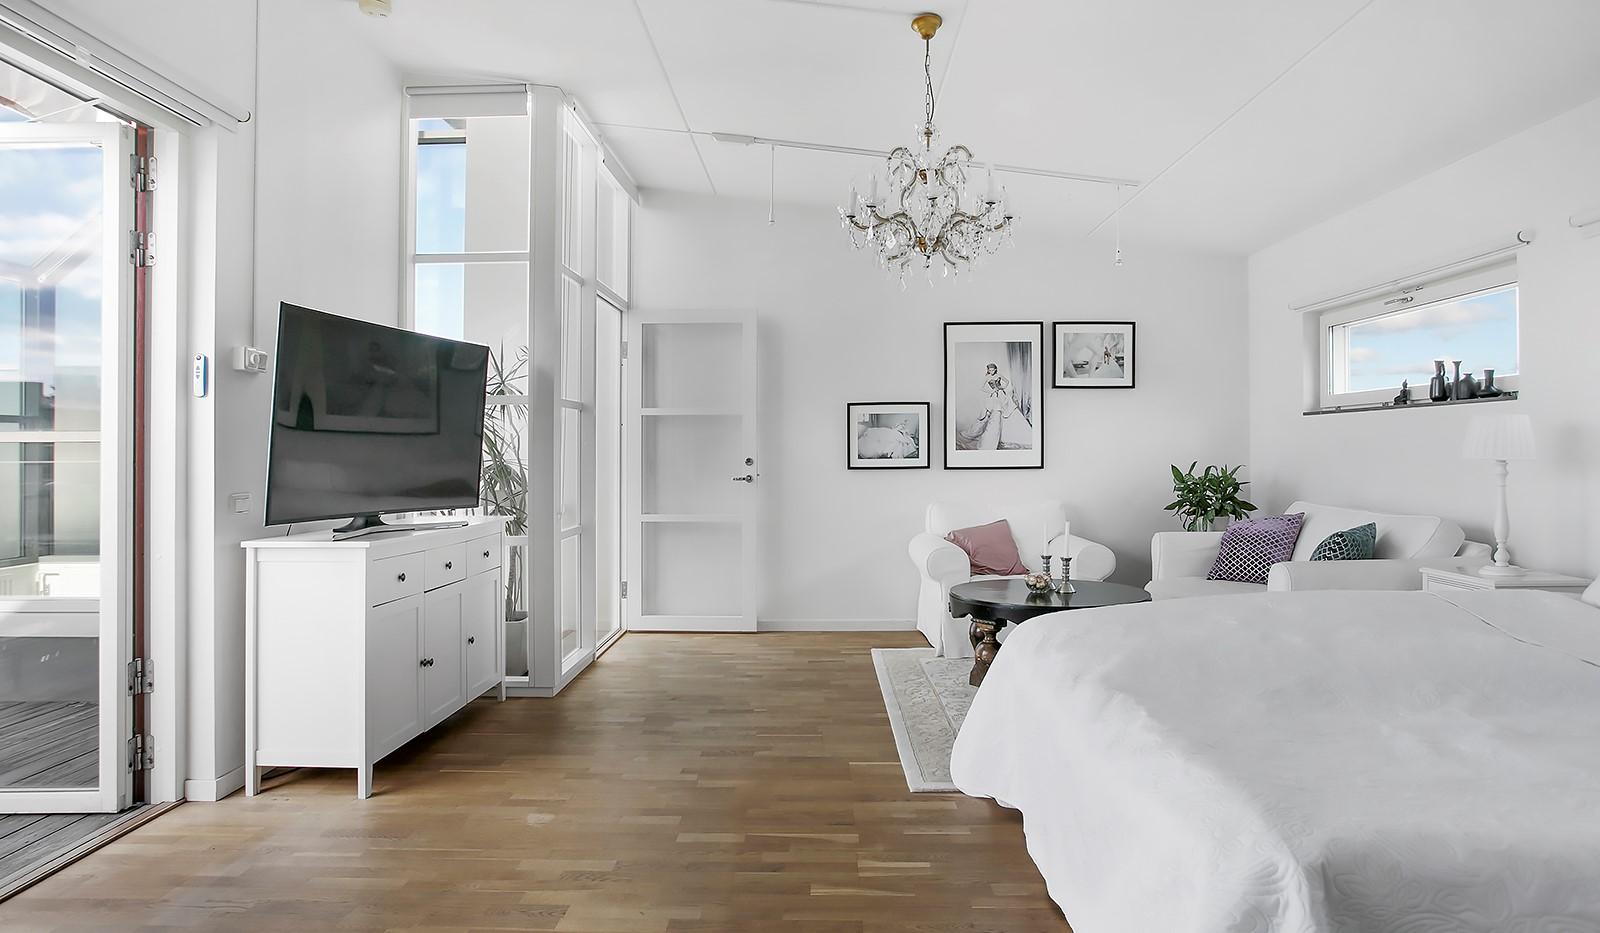 Sickla Kanalgata 64, vån 4 & 5 - Från detta rum når man den stora terrassen